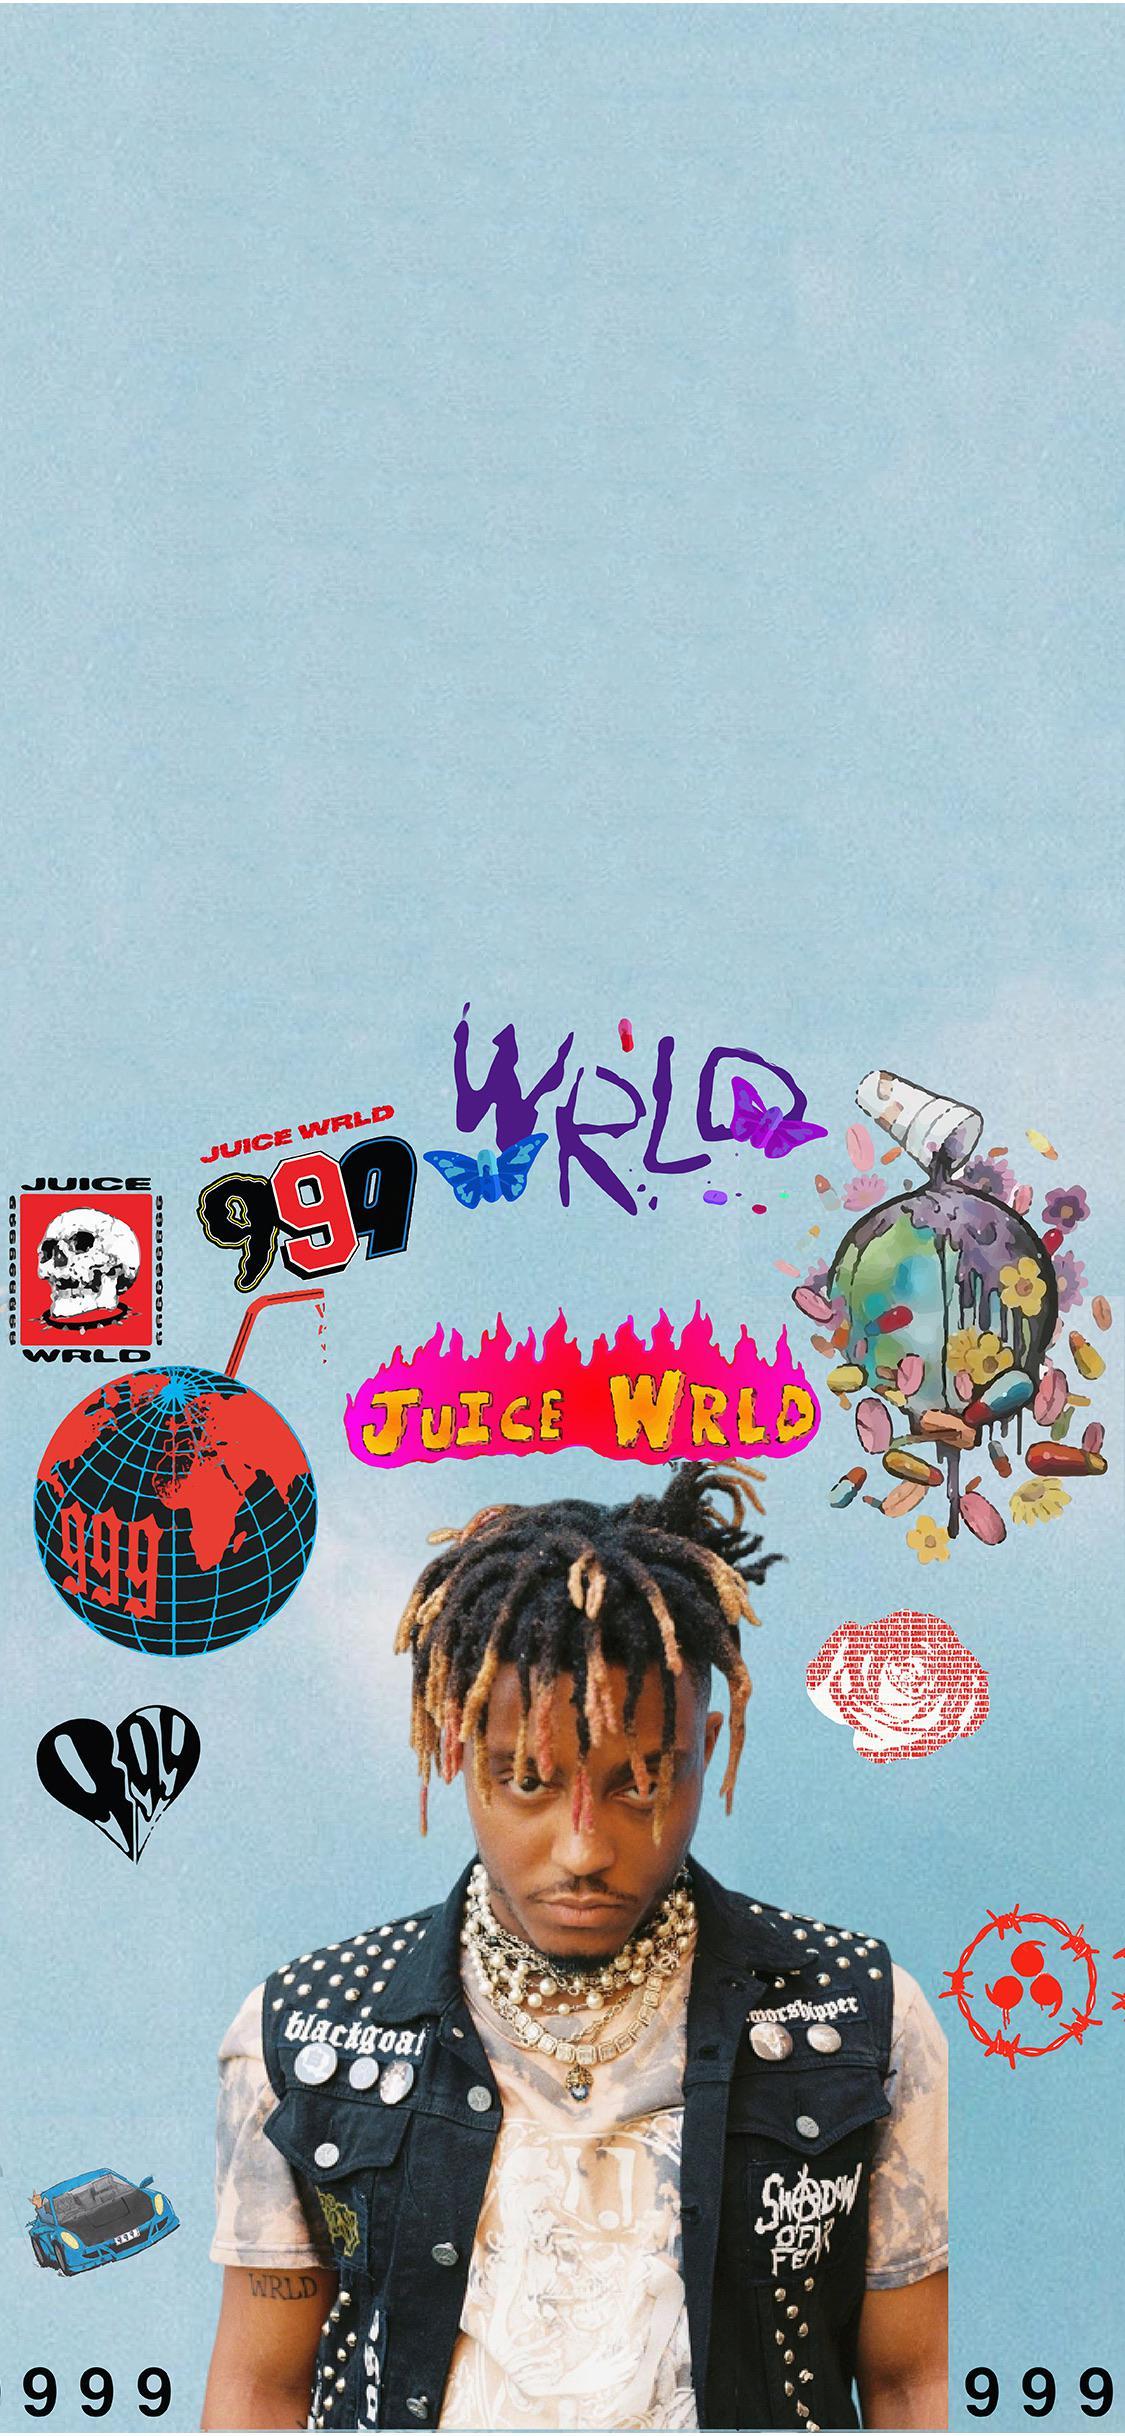 Juice Wrld Album Cover Wallpapers Wallpaper Cave